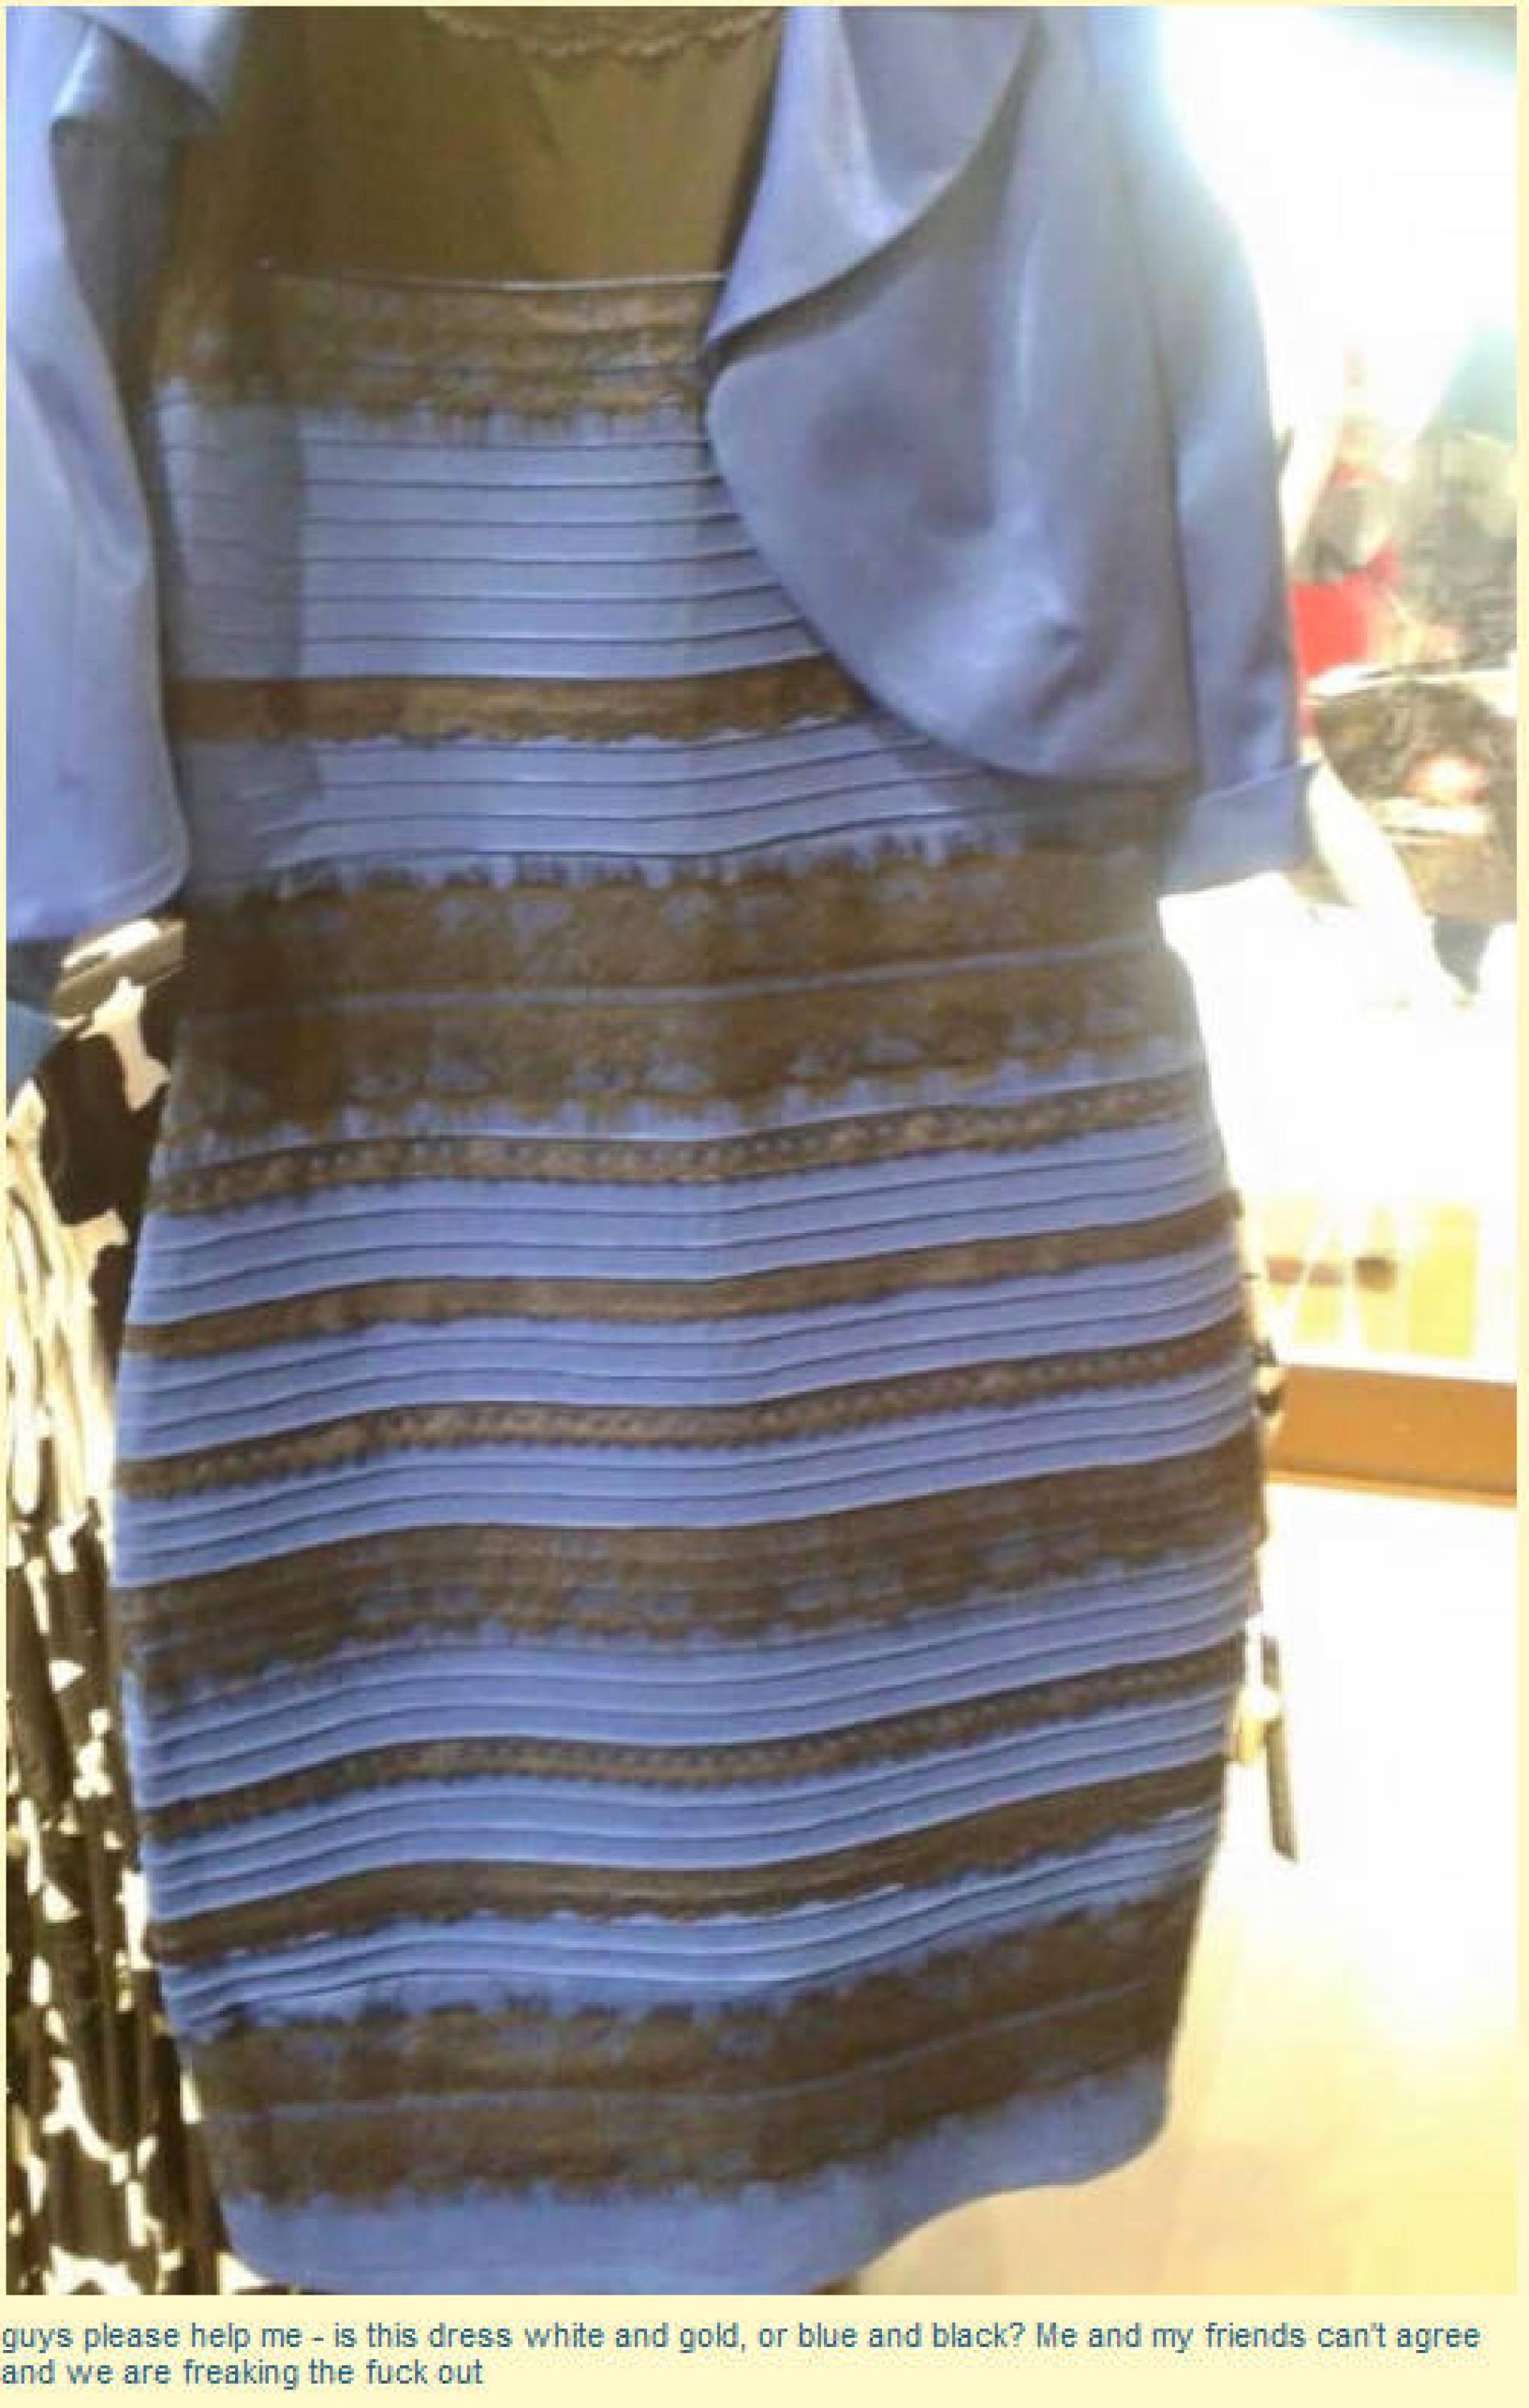 ein kleid spaltet das internet: welche farbe hat es?